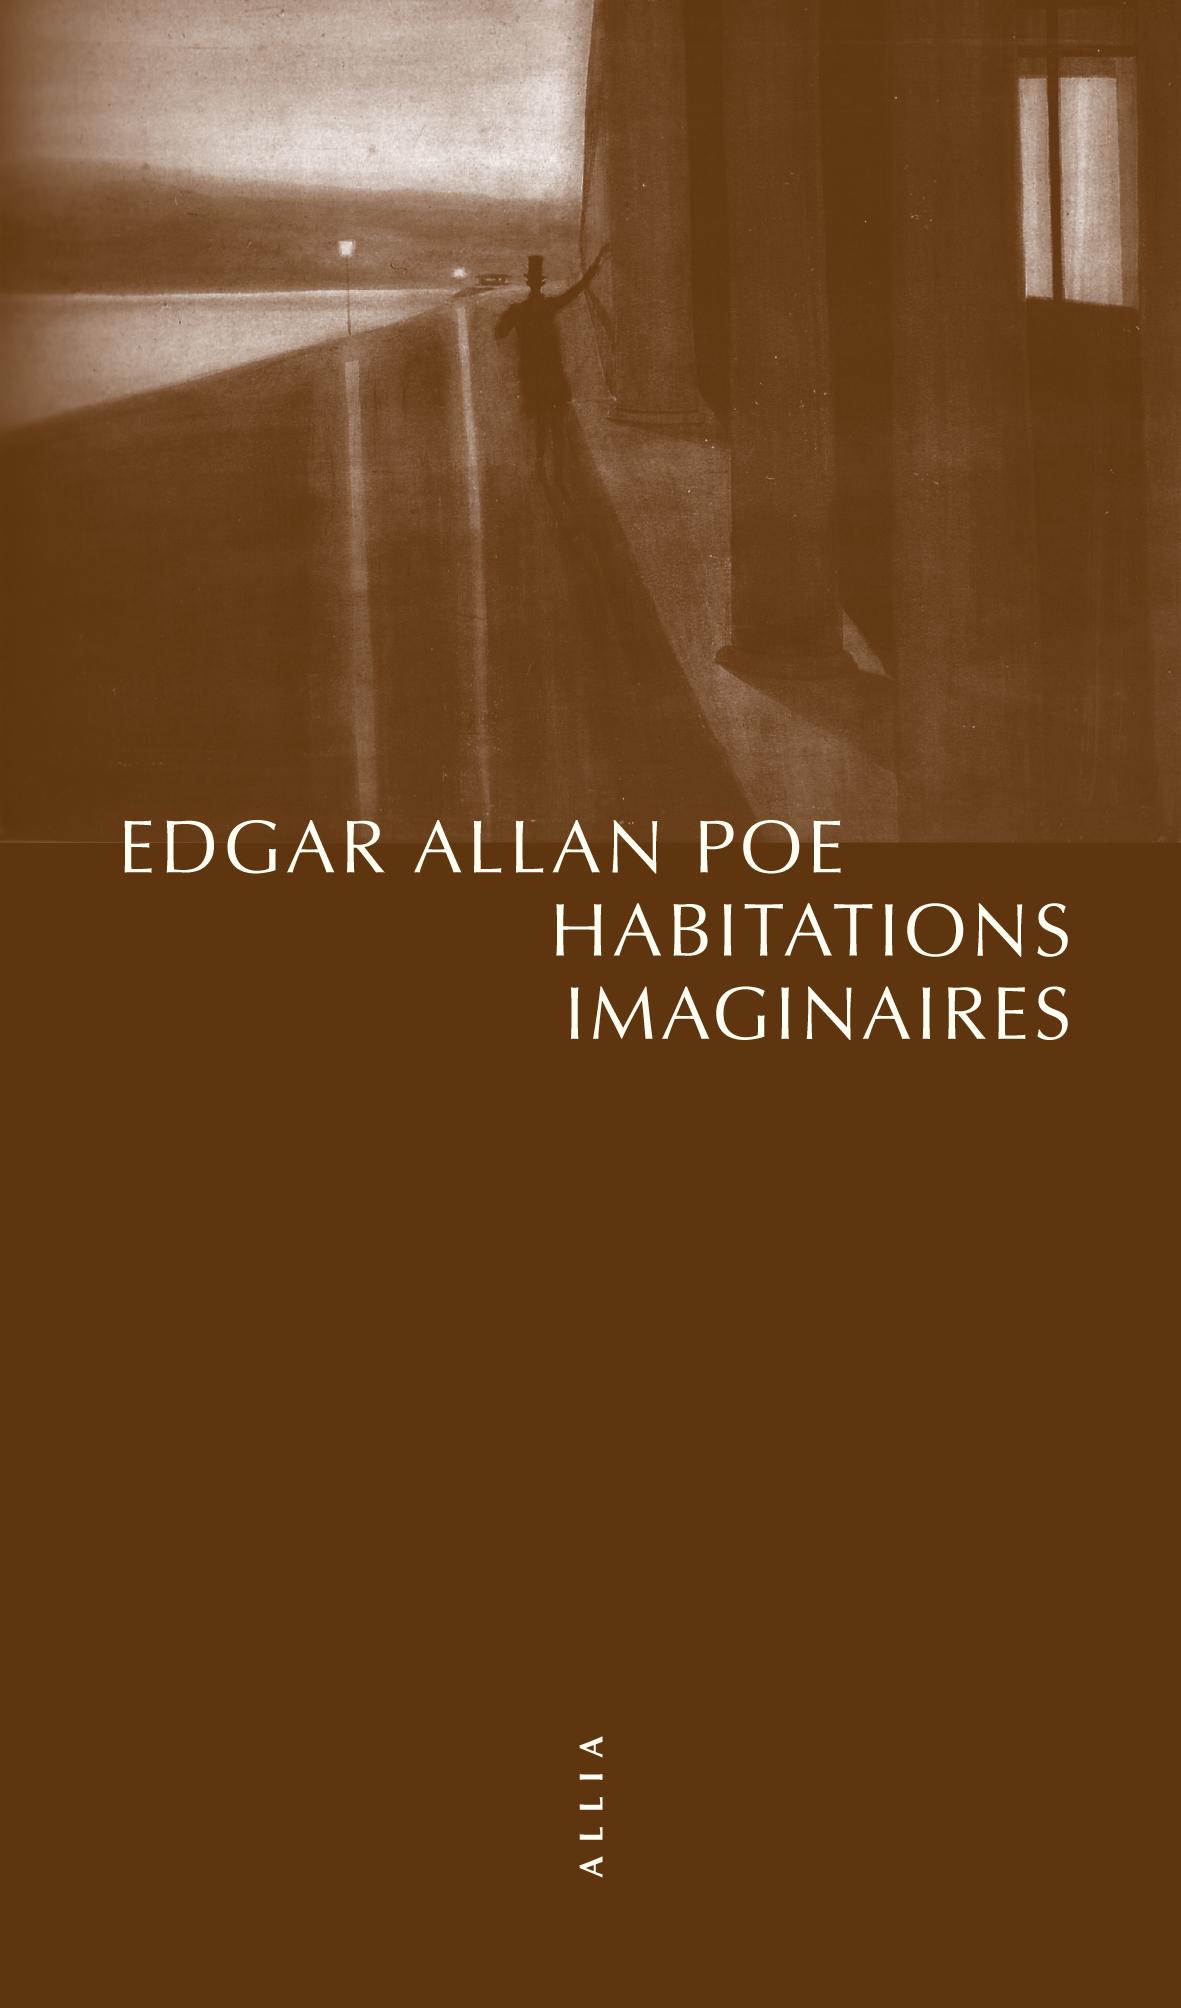 E.A. Poe, Habitations imaginaires